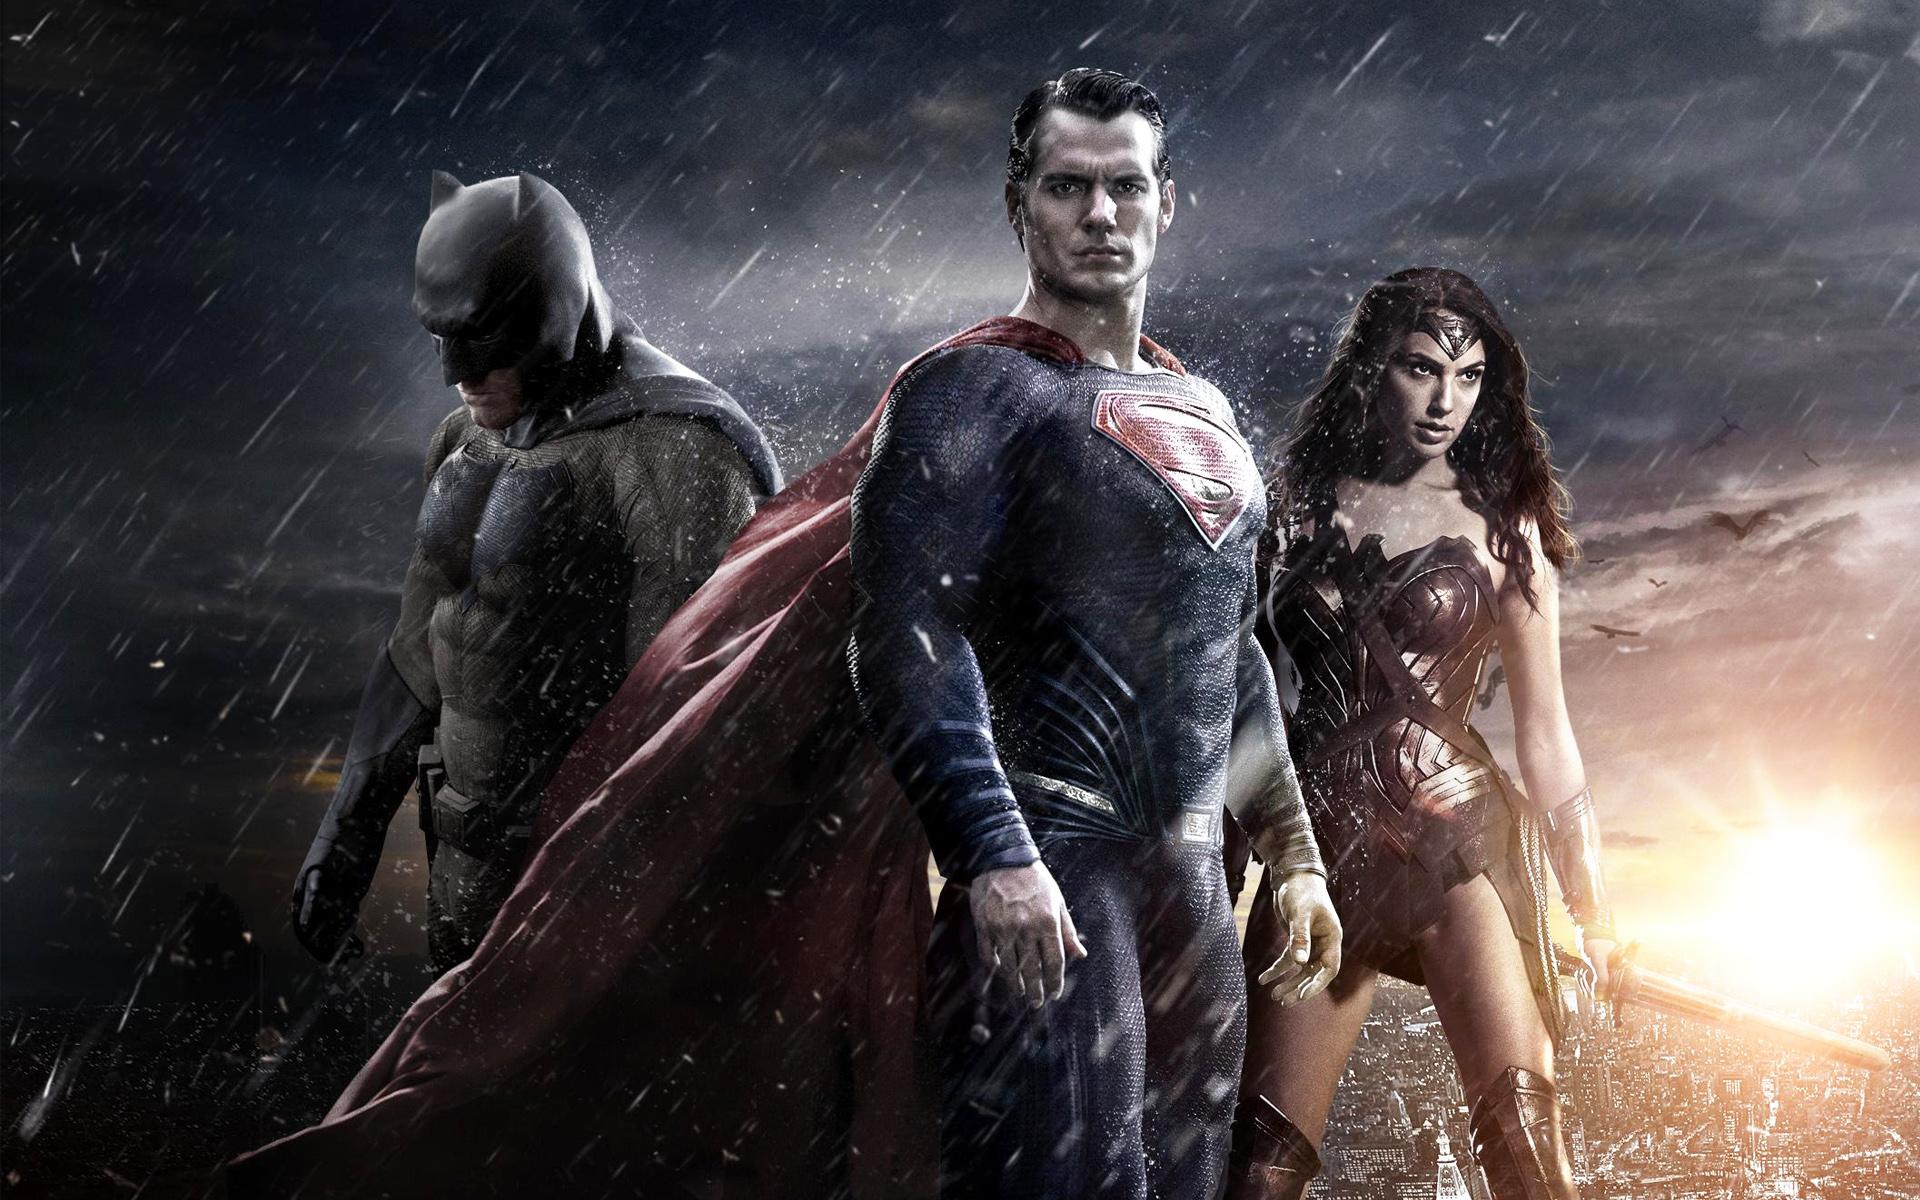 Batman Superman Wonder Woman Hd Wallpaper